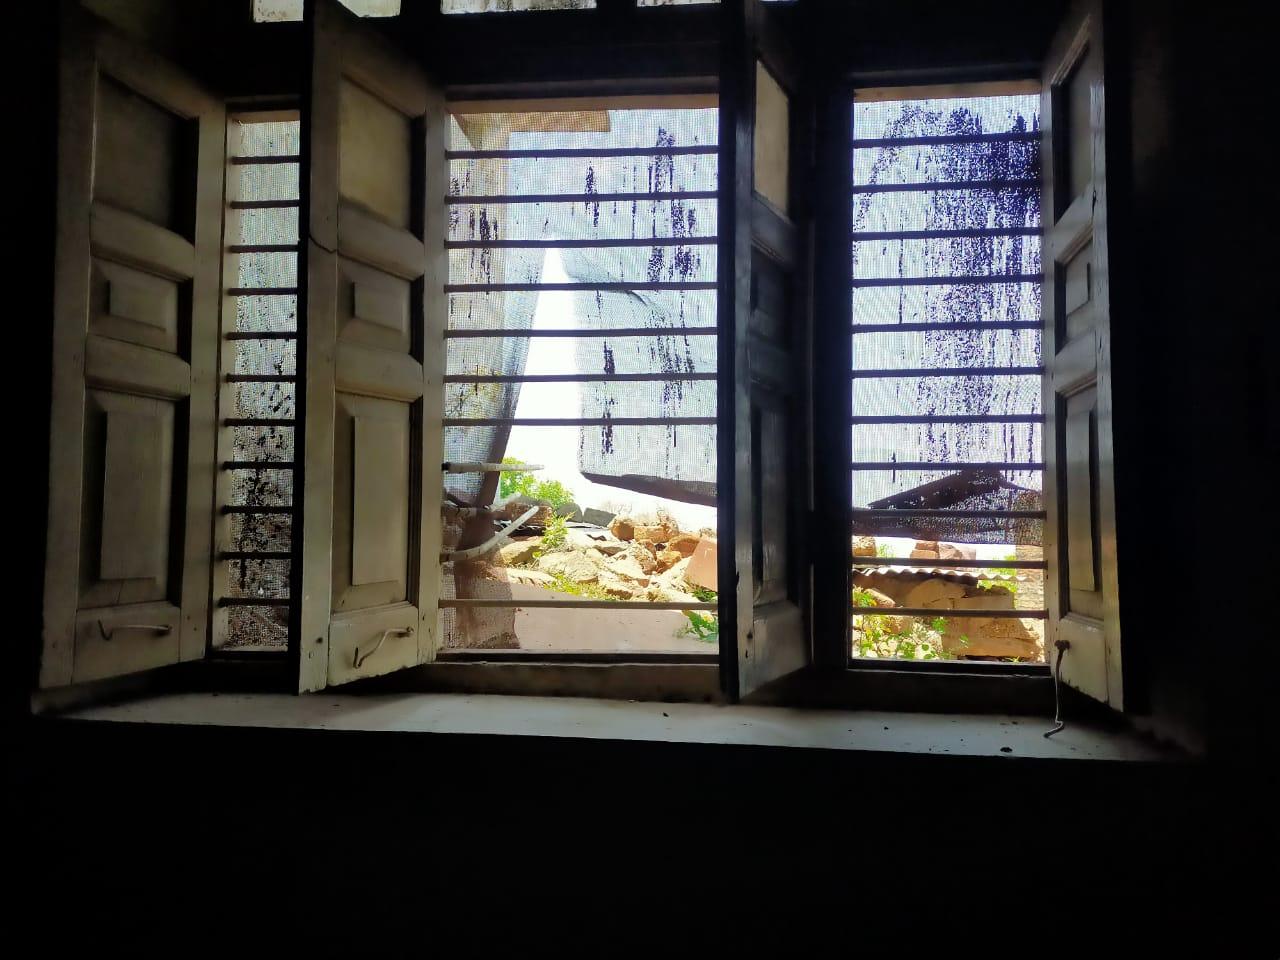 वह खिड़की जिसकी ग्रिल काटकर हुई चोरी